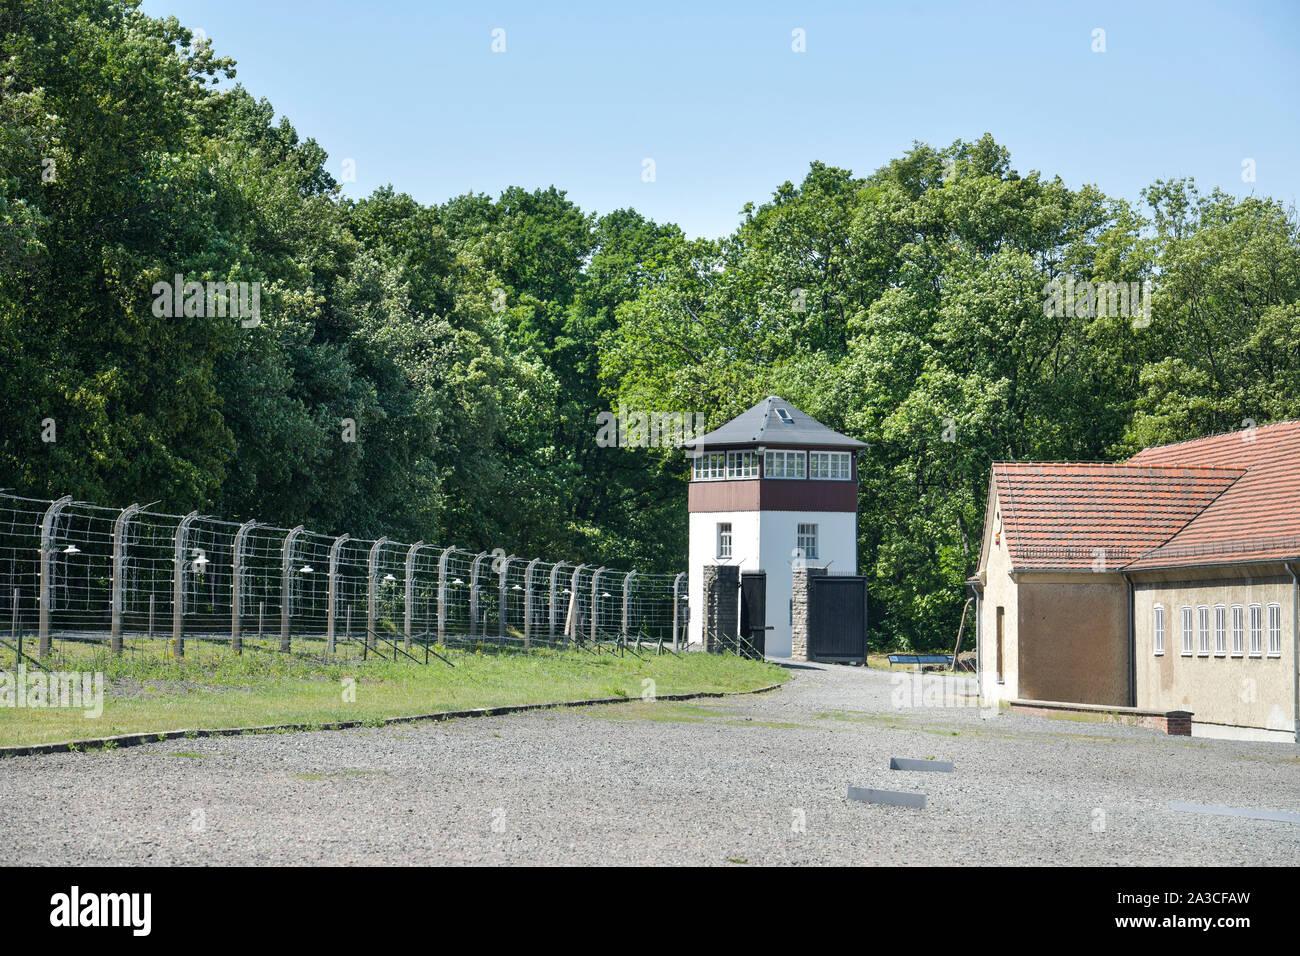 Stacheldraht, Wachturm, Gedenkstätte KZ Buchenwald, Thüringen, Deutschland Stock Photo